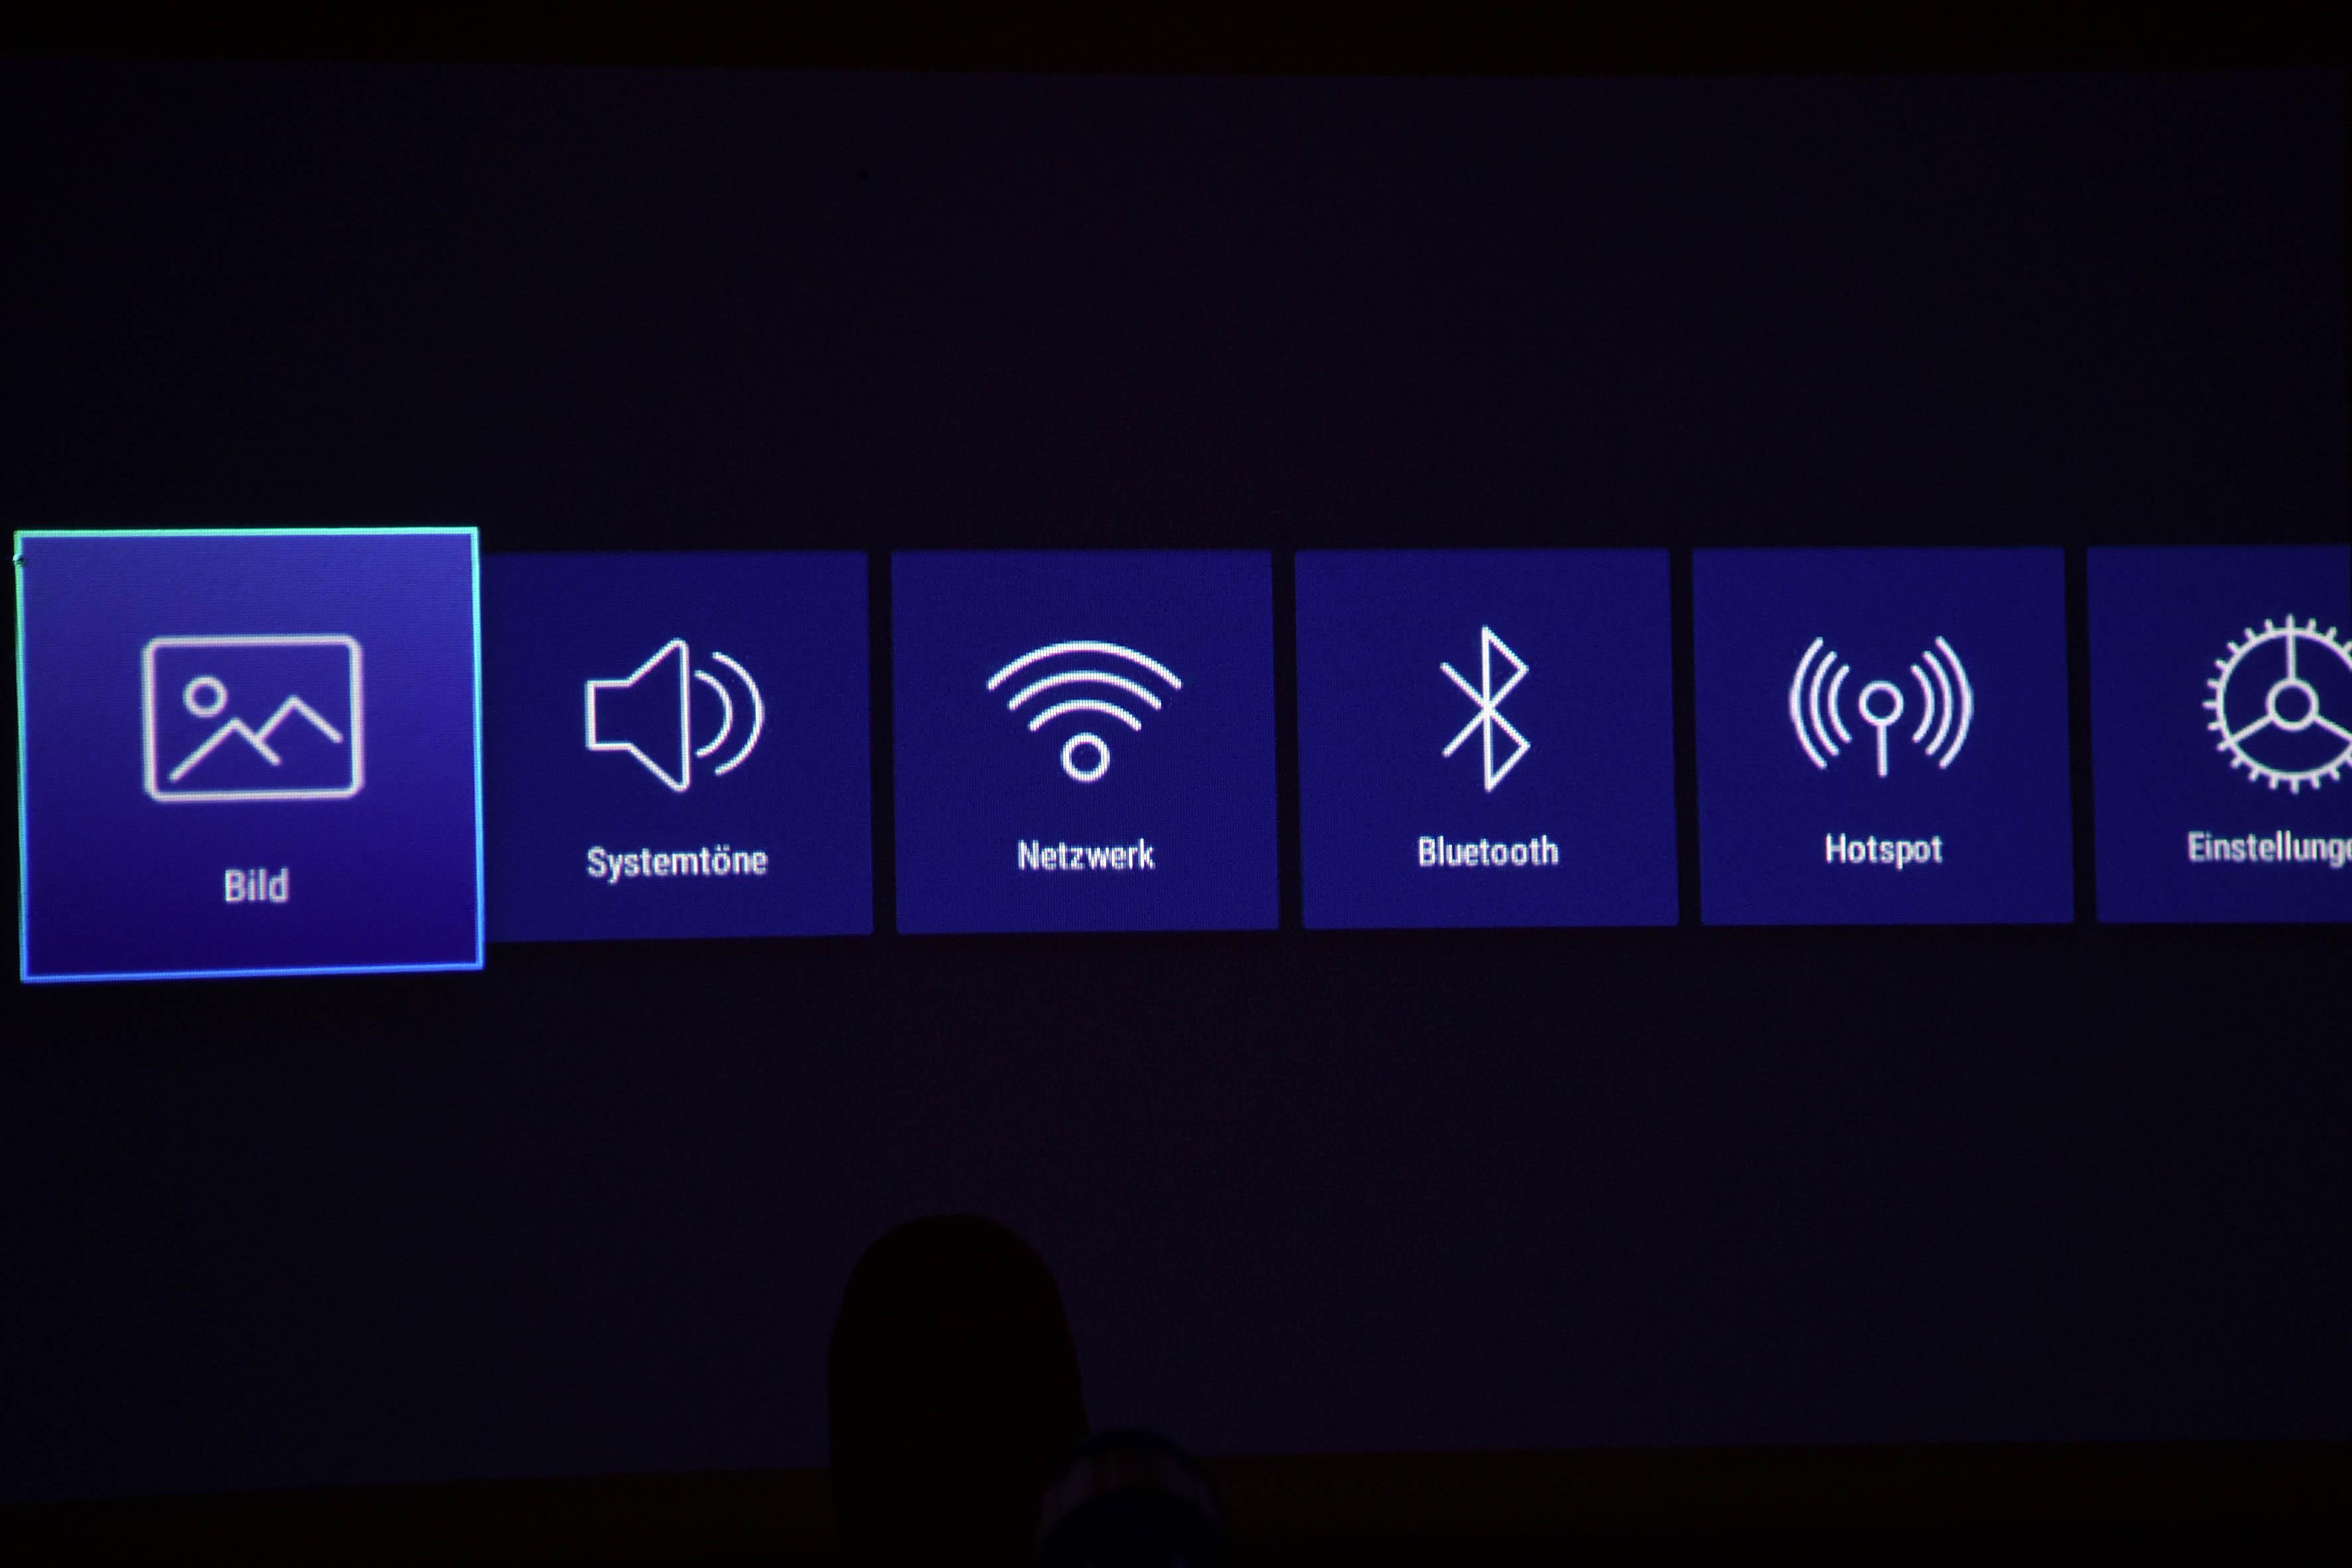 Foto: Michael B. Rehders Das On-Screen-Menü ist sehr übersichtlich und selbsterklärend mit passenden Symbolen strukturiert.